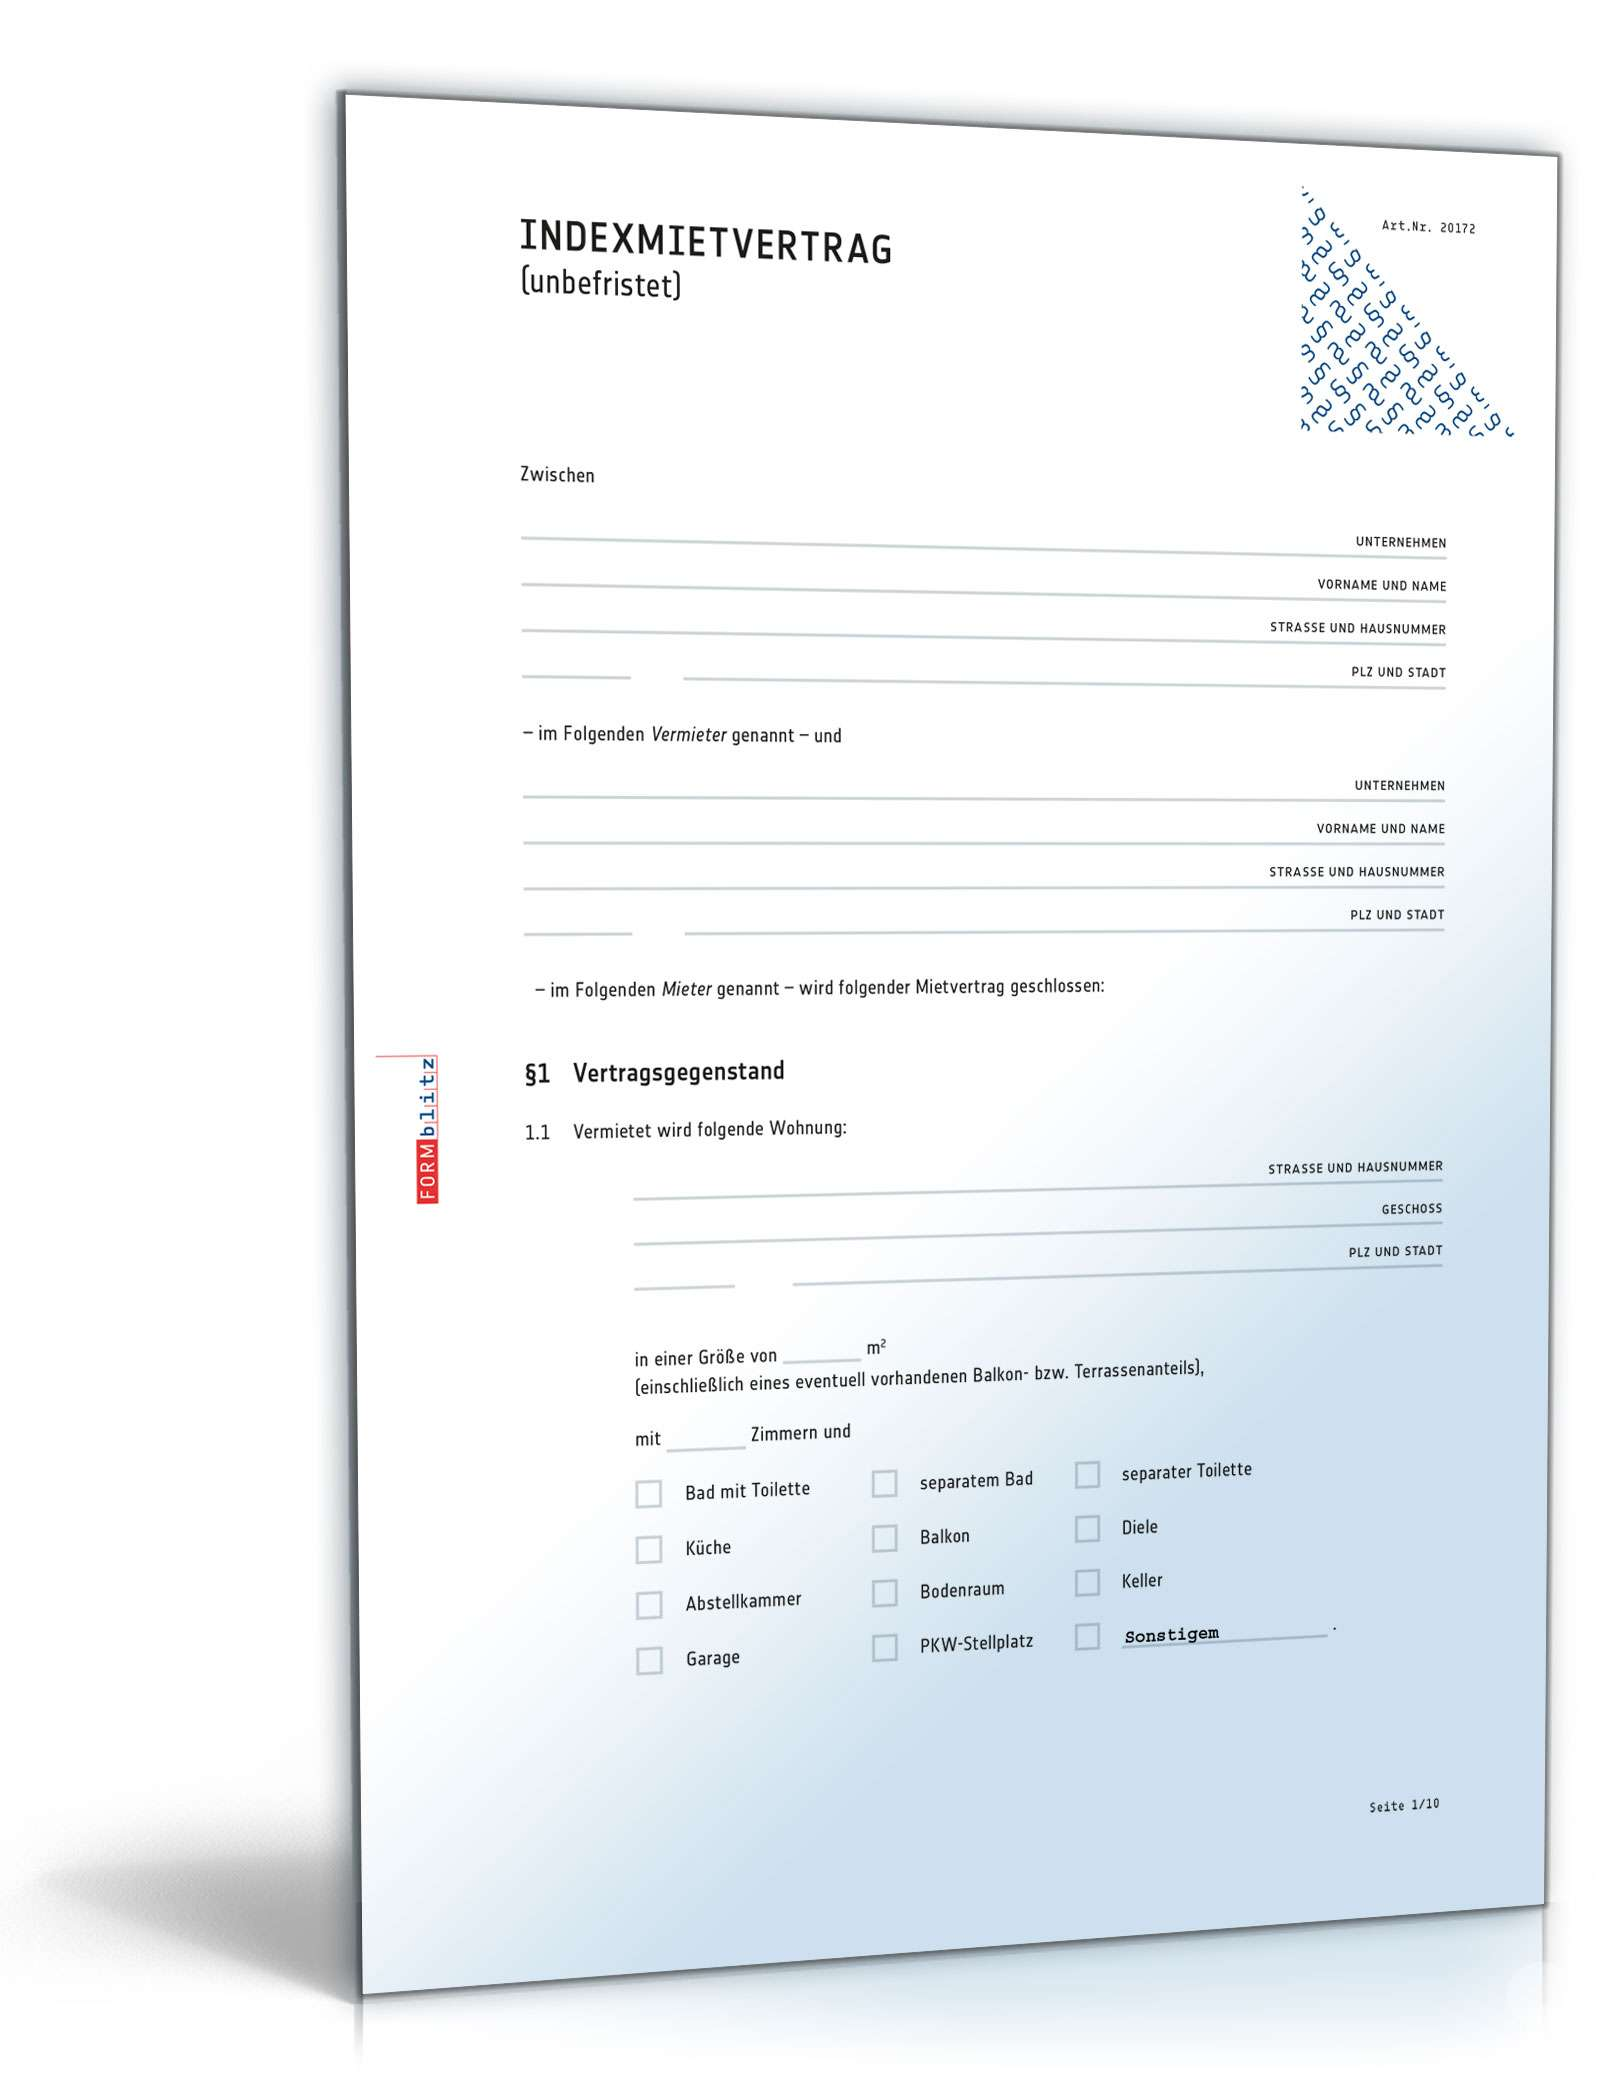 Indexmietvertrag Muster Zum Download